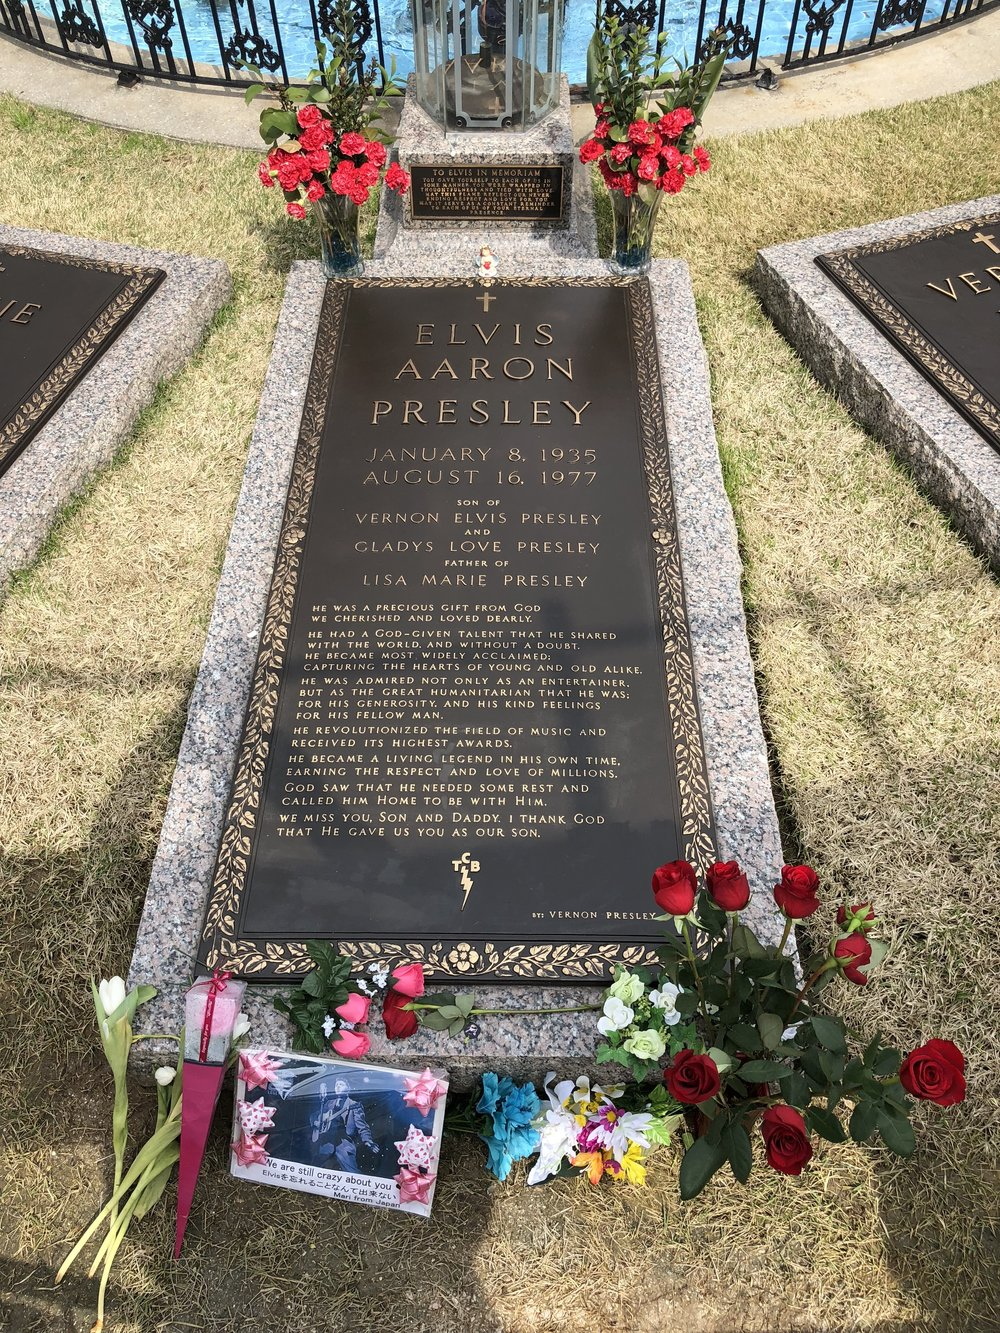 Elvis Presley löydettiin makaamasta elottomana kotinsa kylpyhuoneen lattialta iltapäivällä 16. elokuuta 1977. Hänet julistettiin kuolleeksi sairaalassa. Kuolinsyyksi ilmoitettiin sydämen rytmihäiriö.  Elviksen hautajaiset pidettiin 18. elokuuta. Elvis haudattiin Forest Hill hautausmaalle mausoleumiin äitinsä viereen. Elokuun lopulla Elviksen ruumis yritettiin varastaa. Tapauksen jälkeen Elvis ja hänen äitinsä haudattiin tähän Gracelandin Meditaatiopuutarhaan, jossa lepäävät myös hänen isänsä ja isoäitinsä.